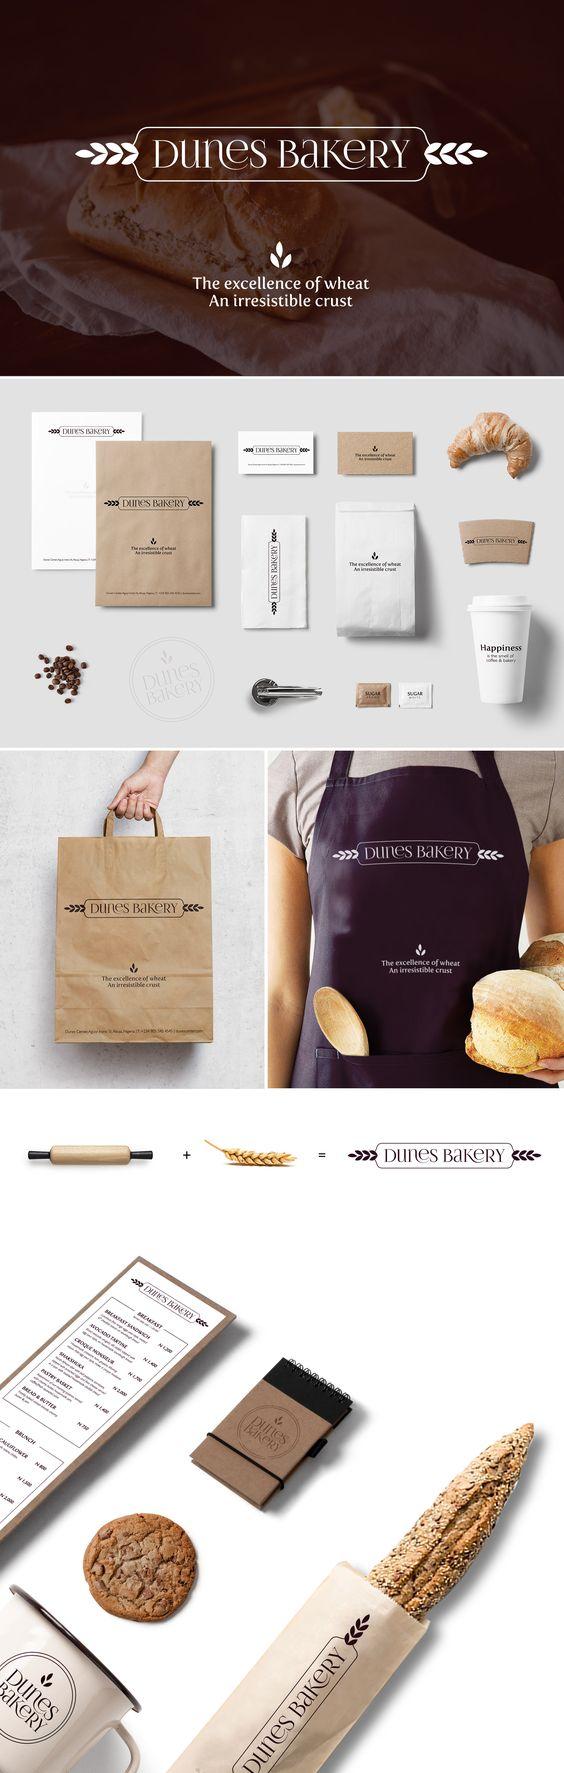 Dunes Bakery - Logo design & branding